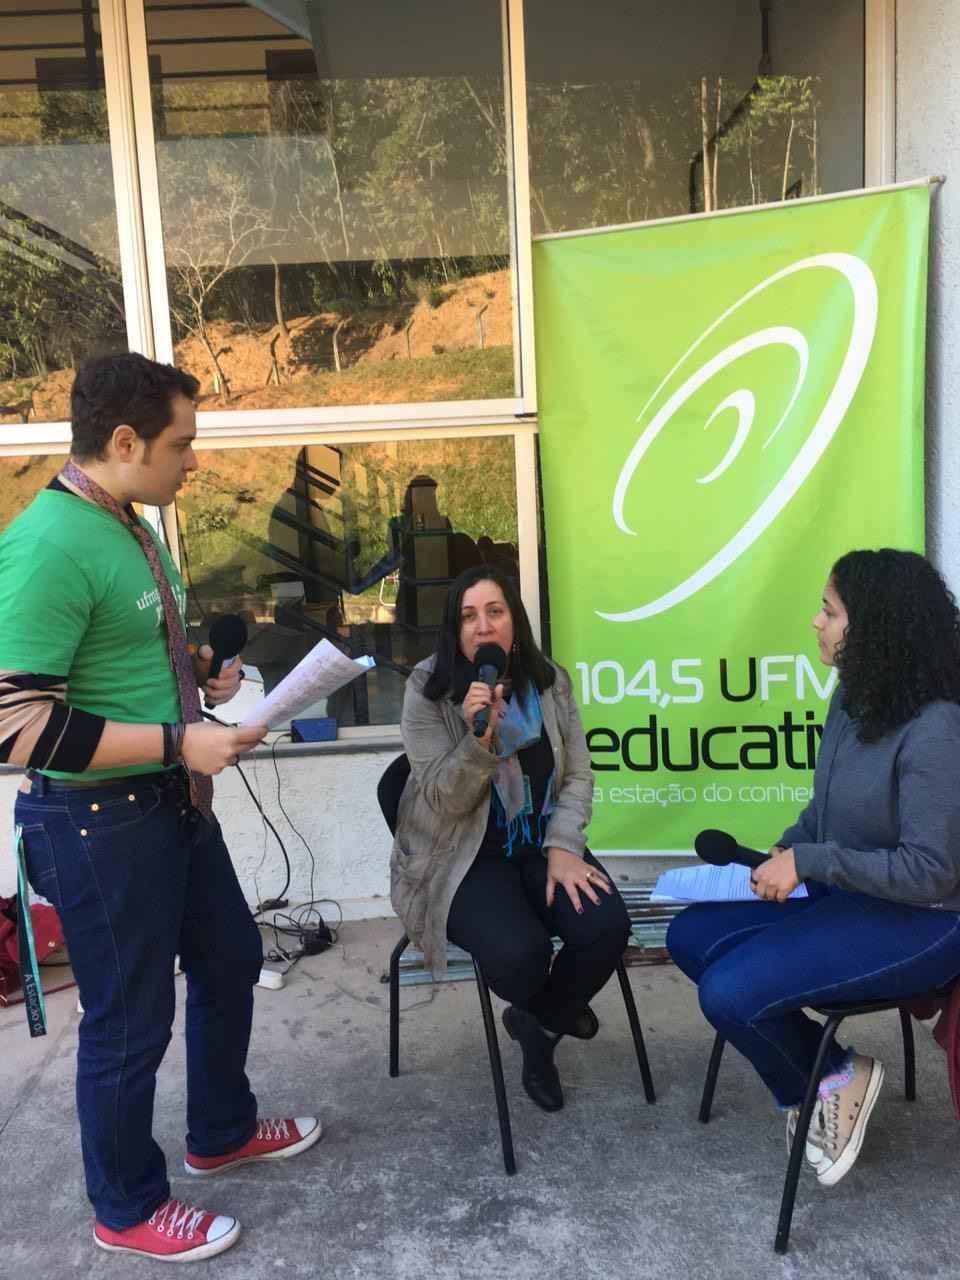 Gerente de assistência social da Fump, em entrevista à UFMG Educativa